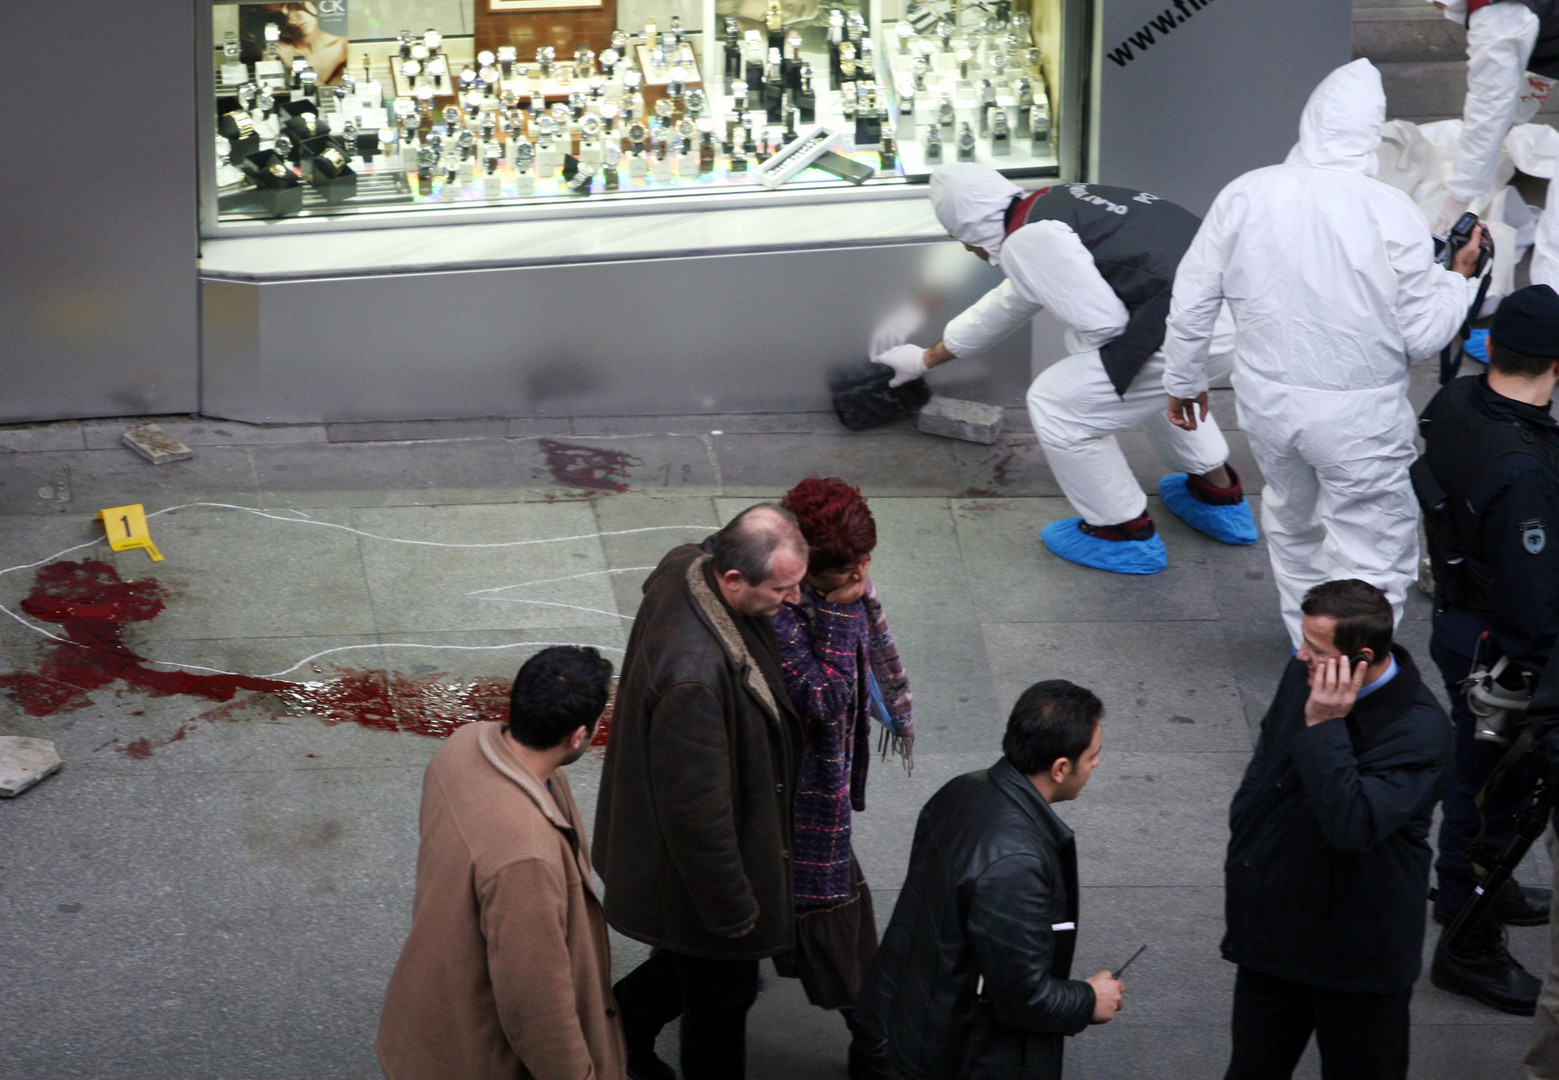 Türkei: Mord an Hrant Dink jährte sich zum zehnten Mal – Suche nach Hintermännern geht weiter